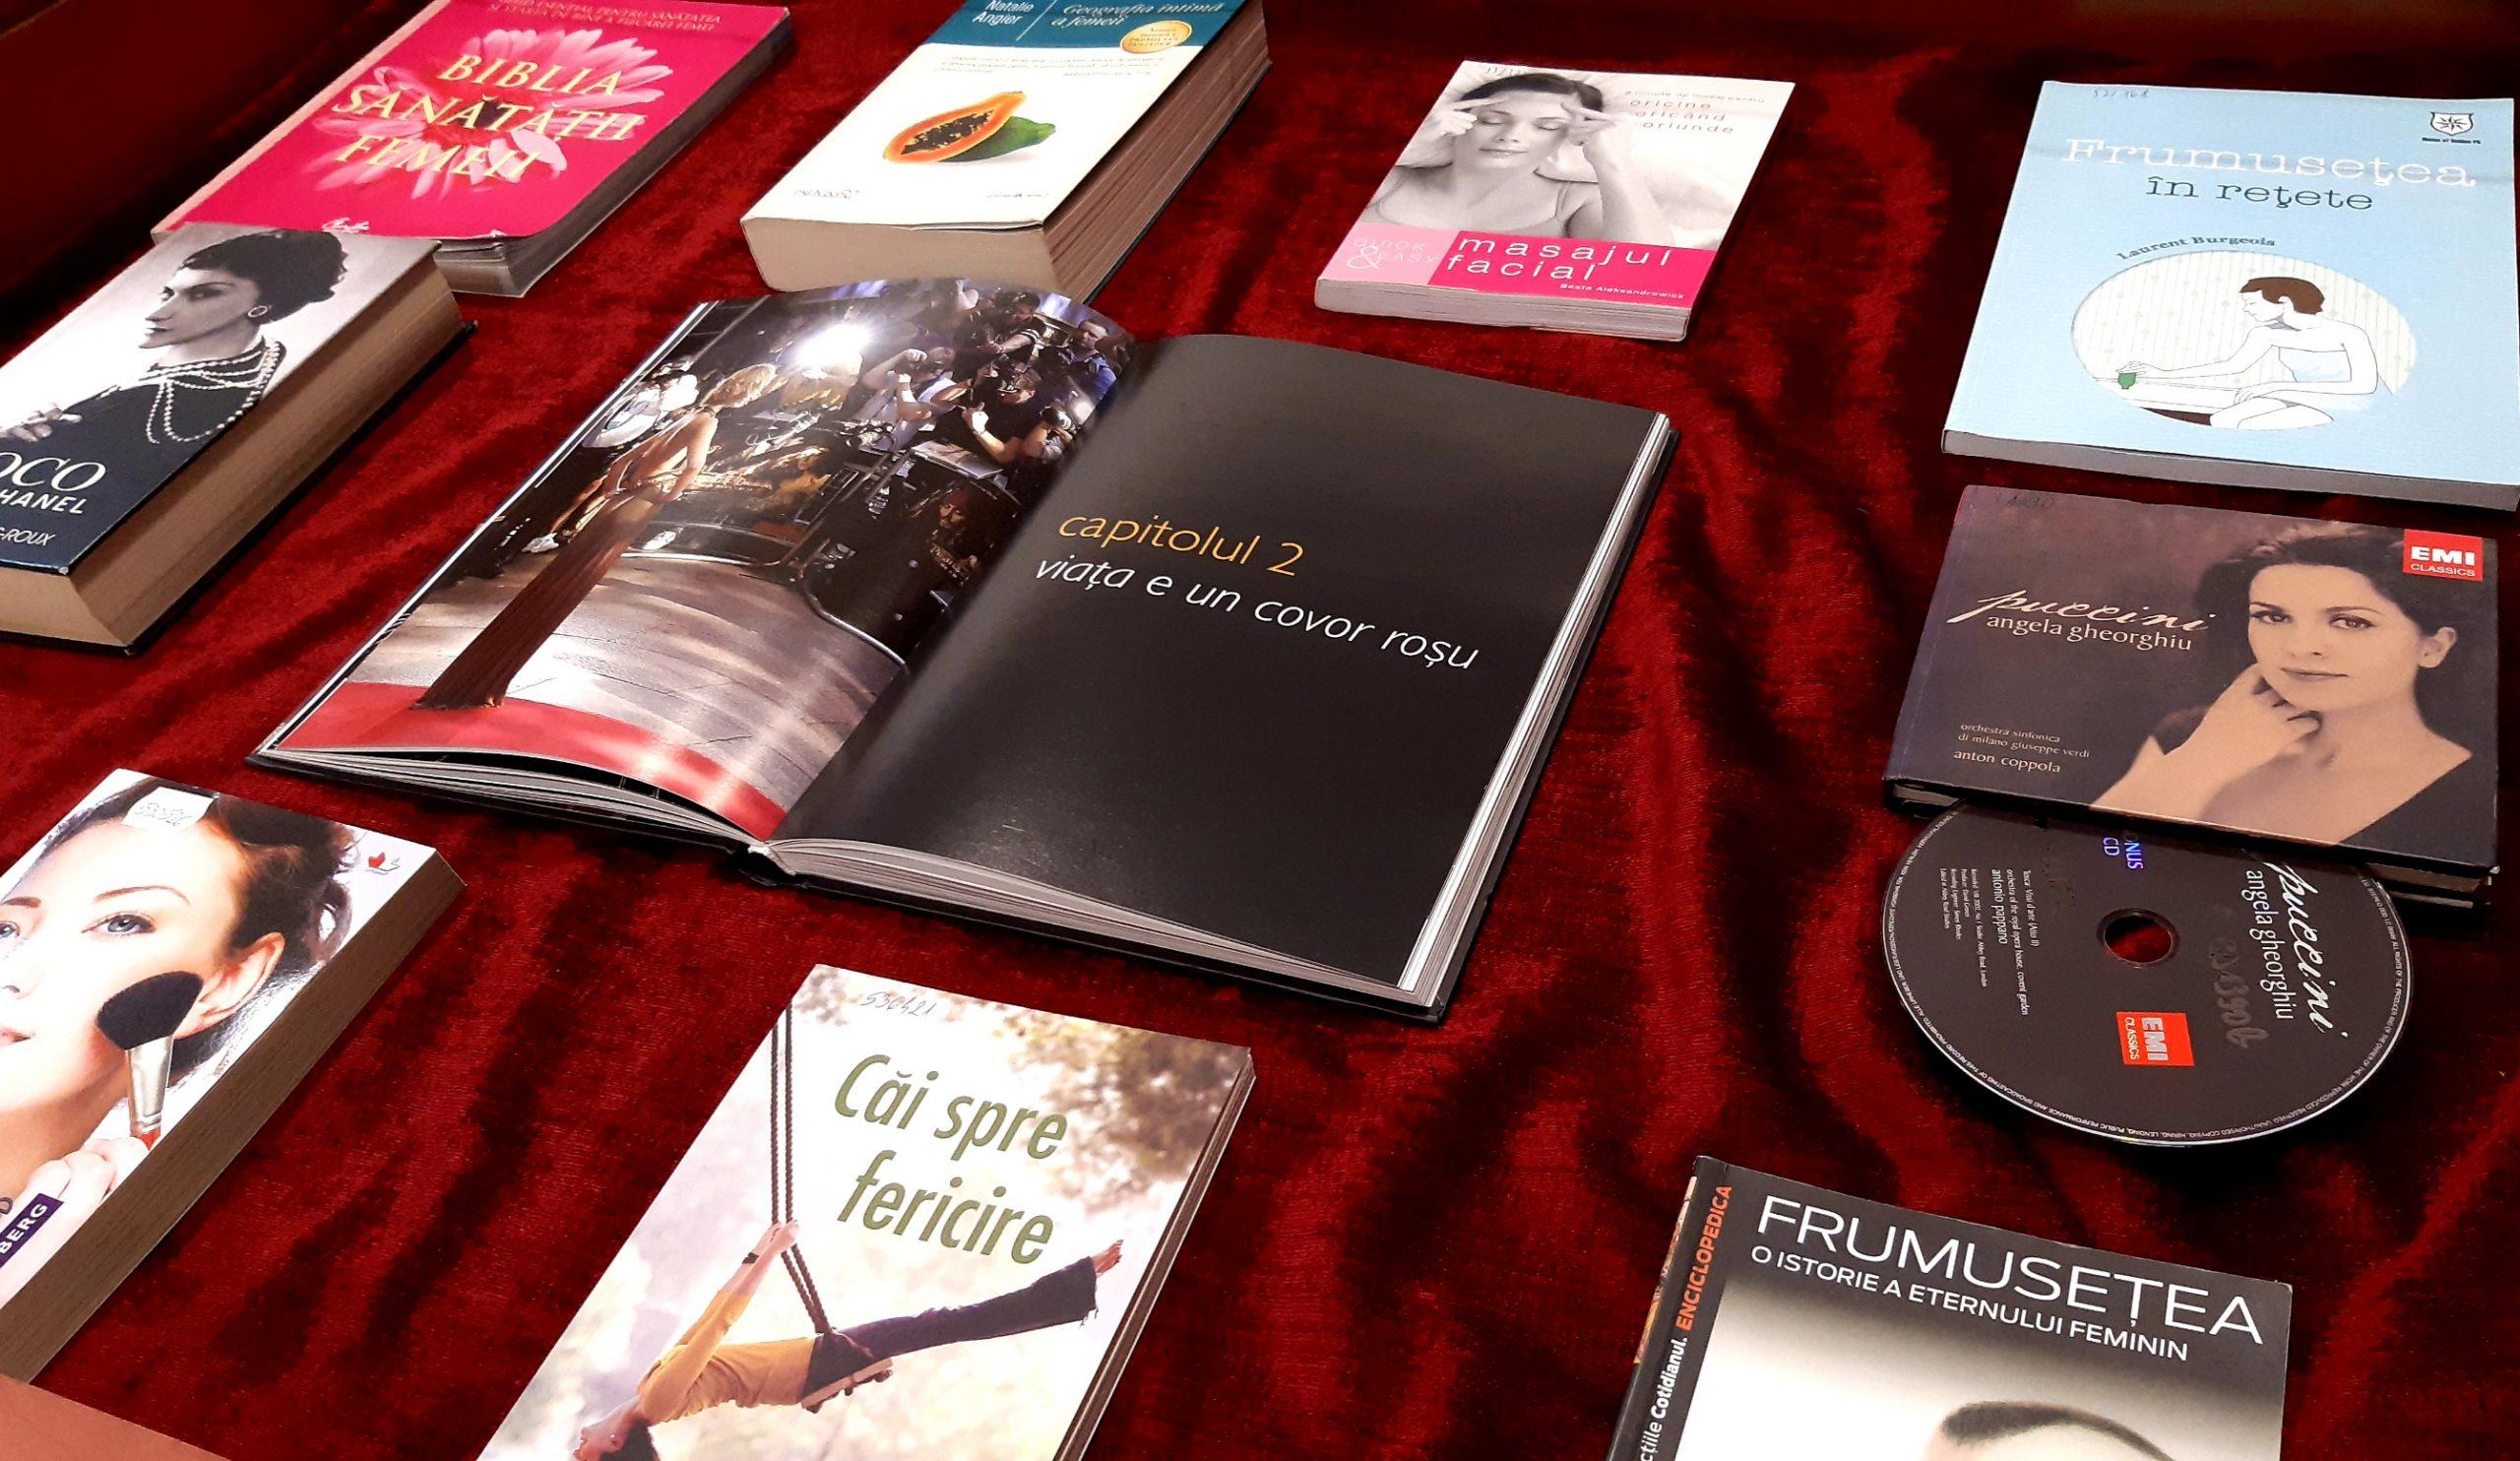 Biblioteca Județeană ASTRA Sibiu organizează o expoziție dedicată Femeii